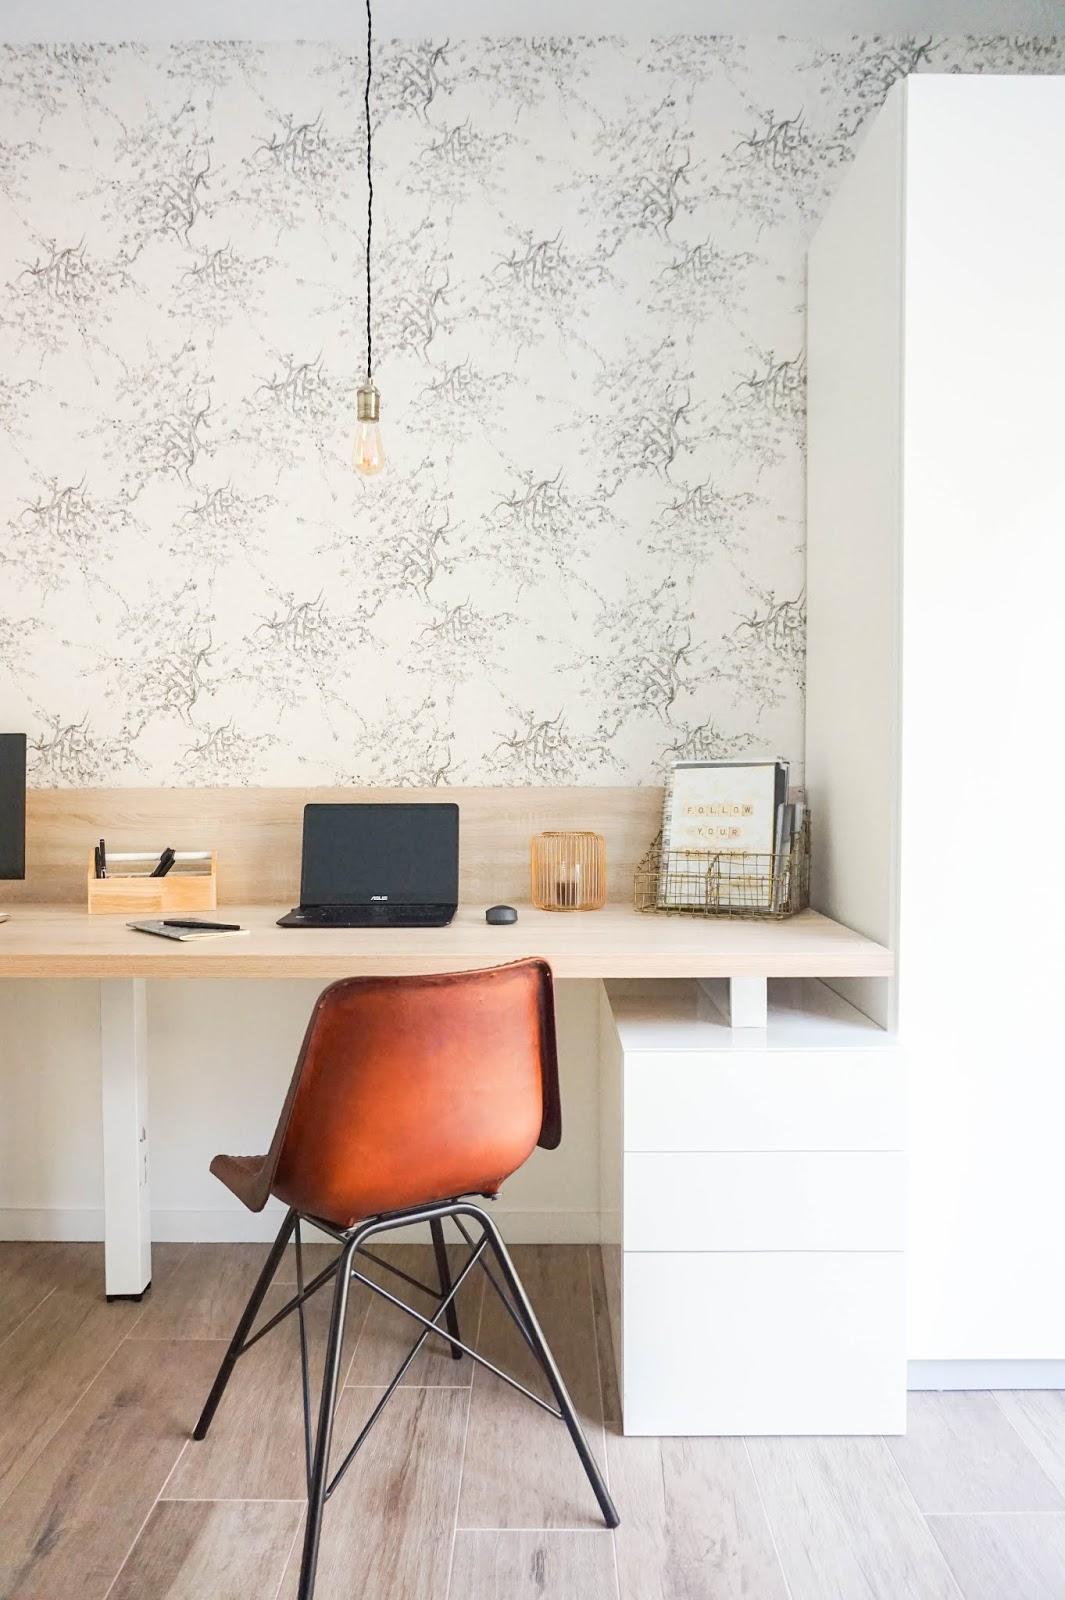 Conseils décoration : quels types de meubles choisir pour son salon ?